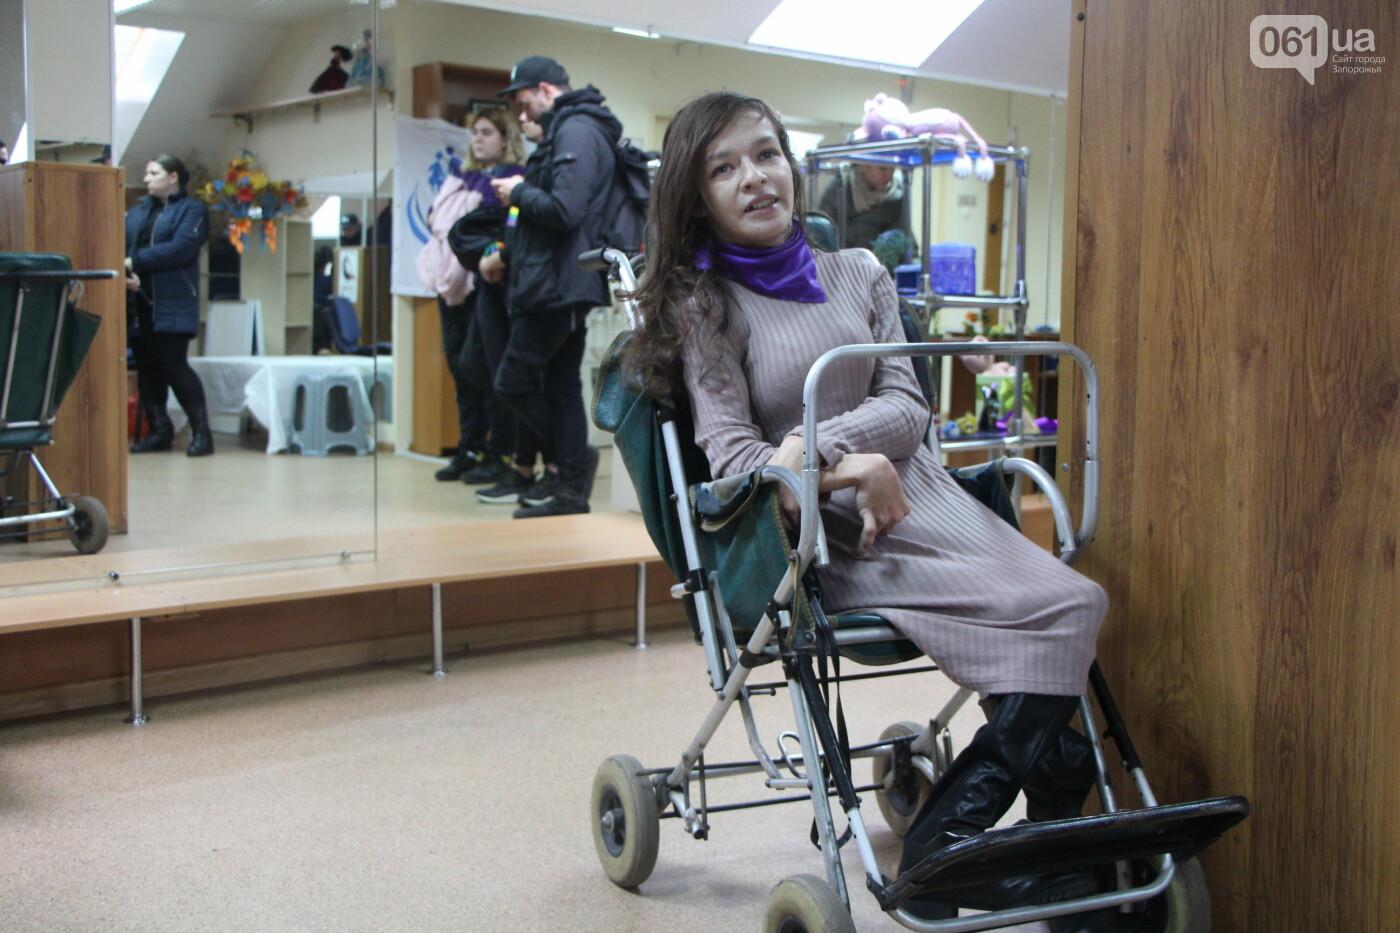 """ЛГБТ, люди с инвалидностью и модульный городок: в Запорожье прошла экскурсия """"Автобус прав человека"""", - ФОТОРЕПОРТАЖ, фото-18"""